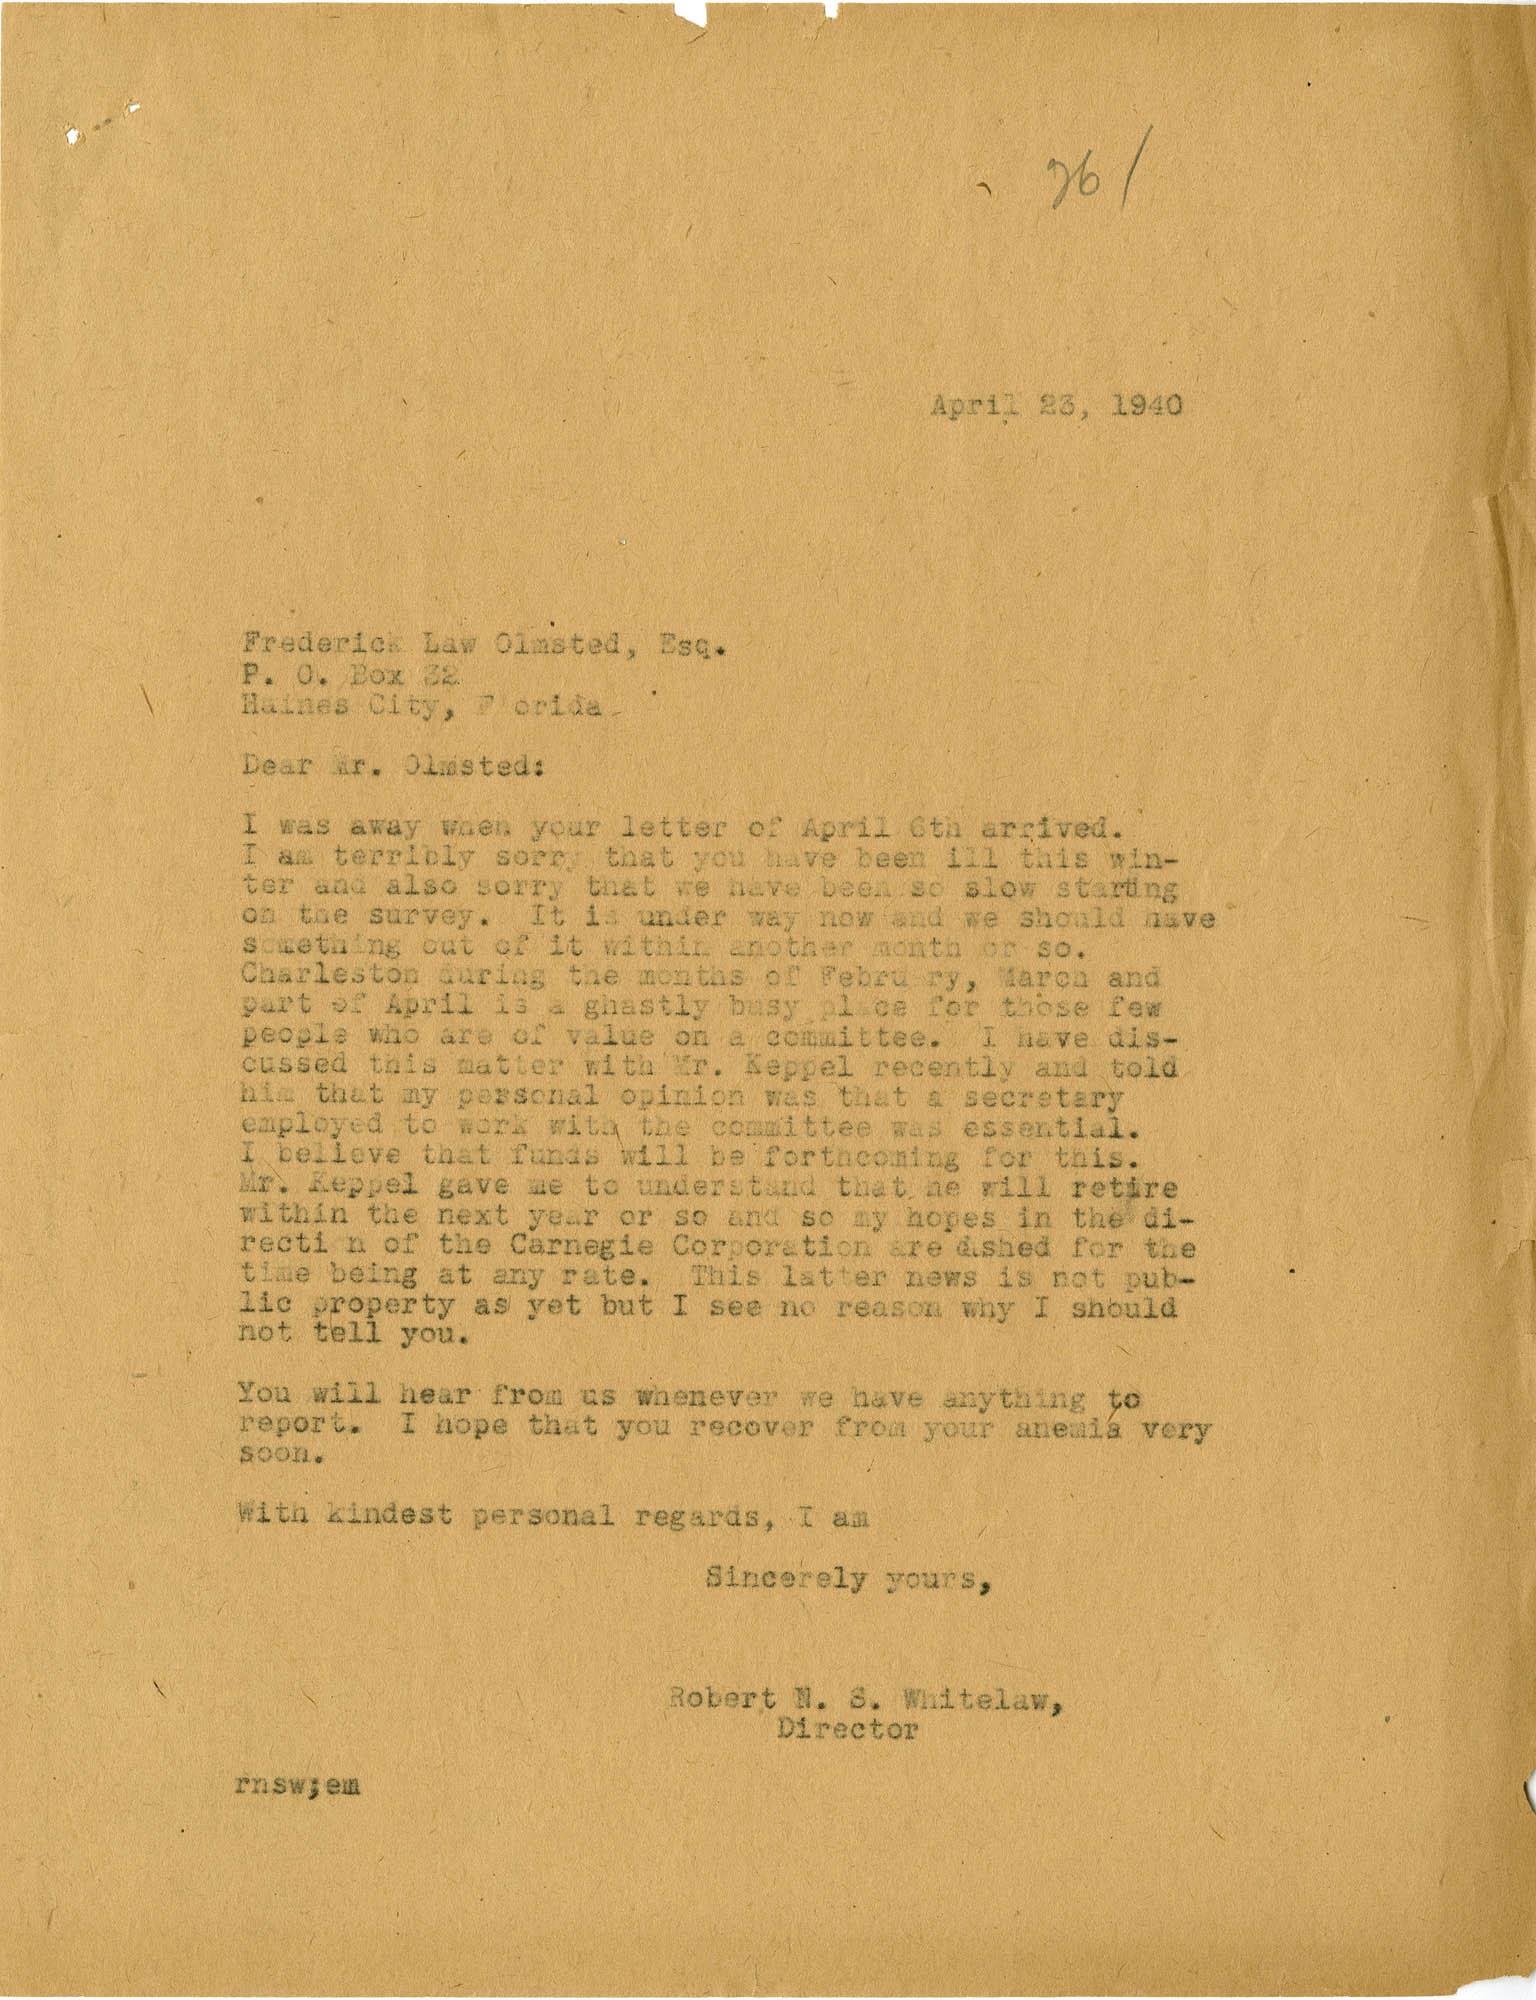 Folder 20: Whitelaw Letter 14